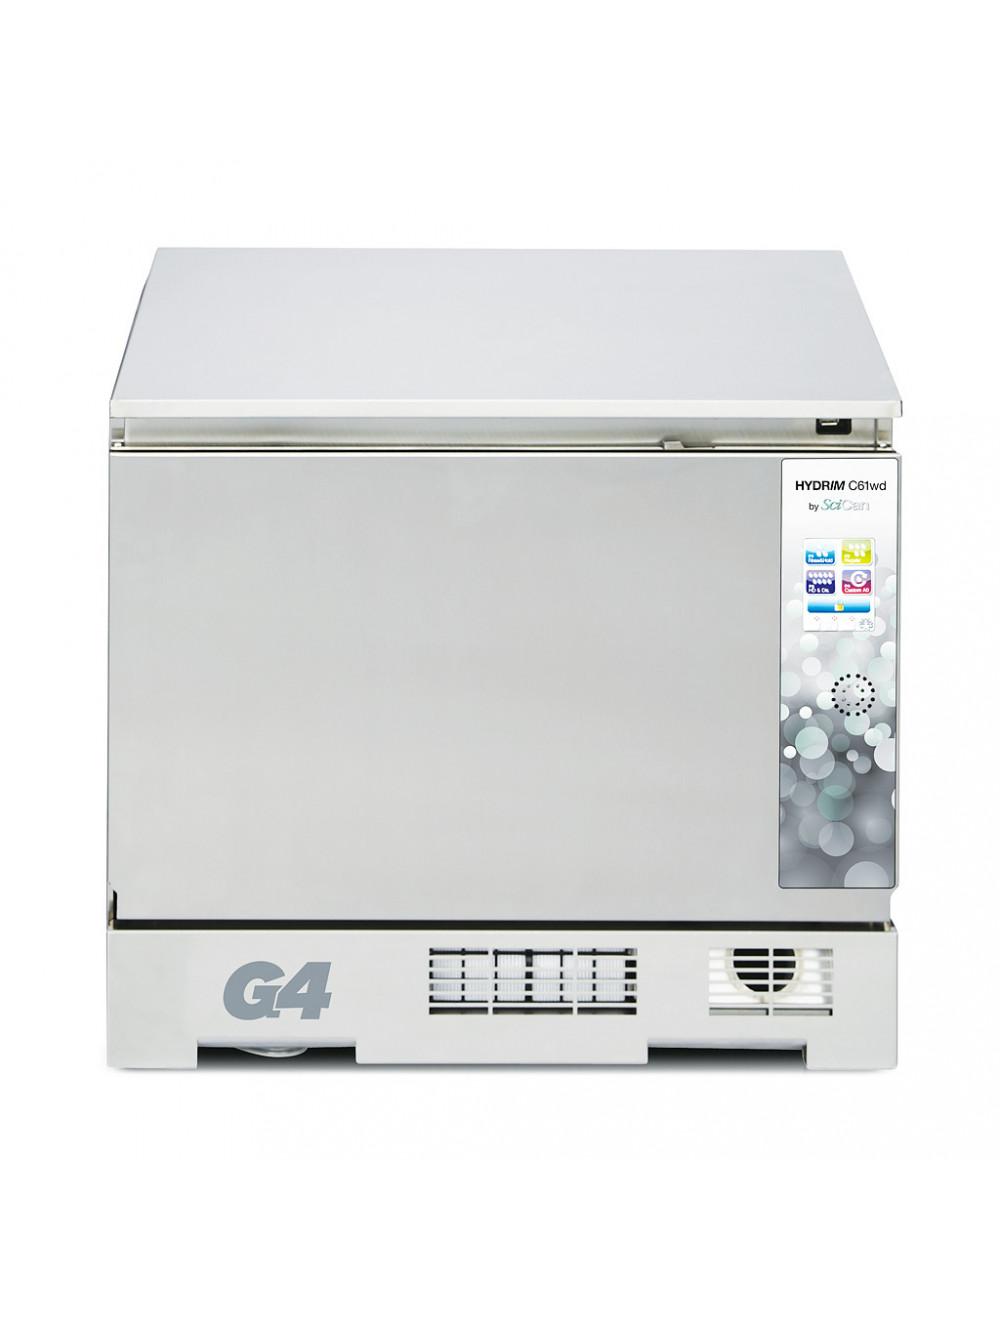 Scican Reinigungs- und Desinfektionsgerät HYDRIM C61WD, G4-Cloud C61WD-D02 Reinigungsgeräte